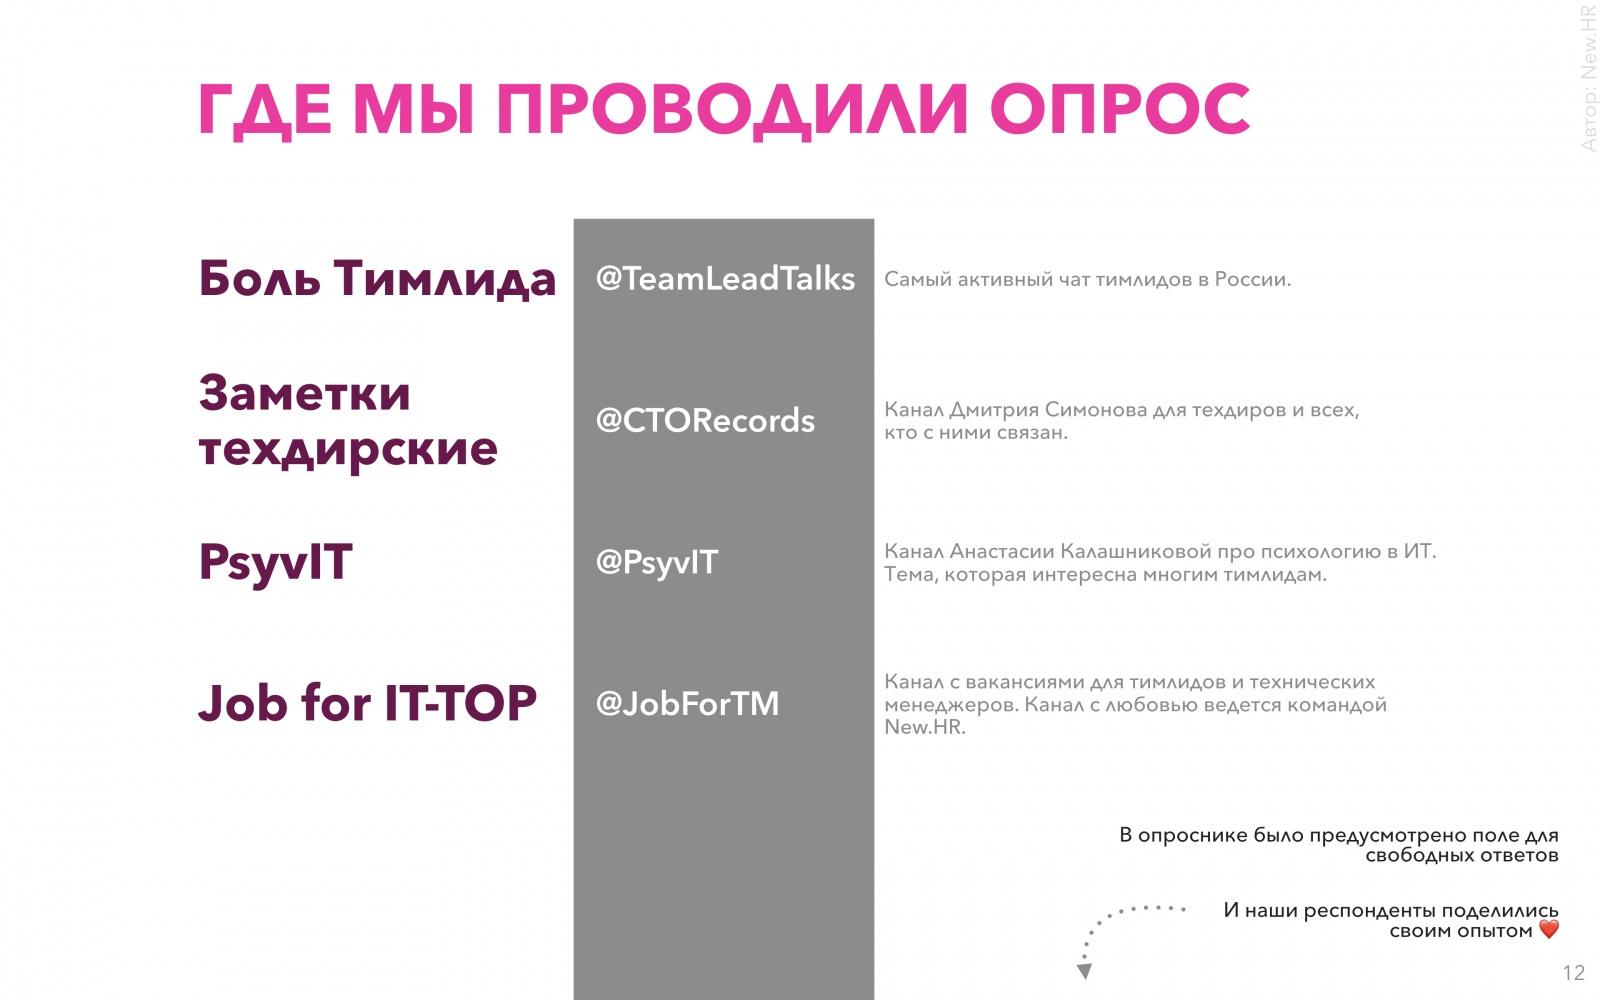 Исследование рынка тимлидов в России - 12